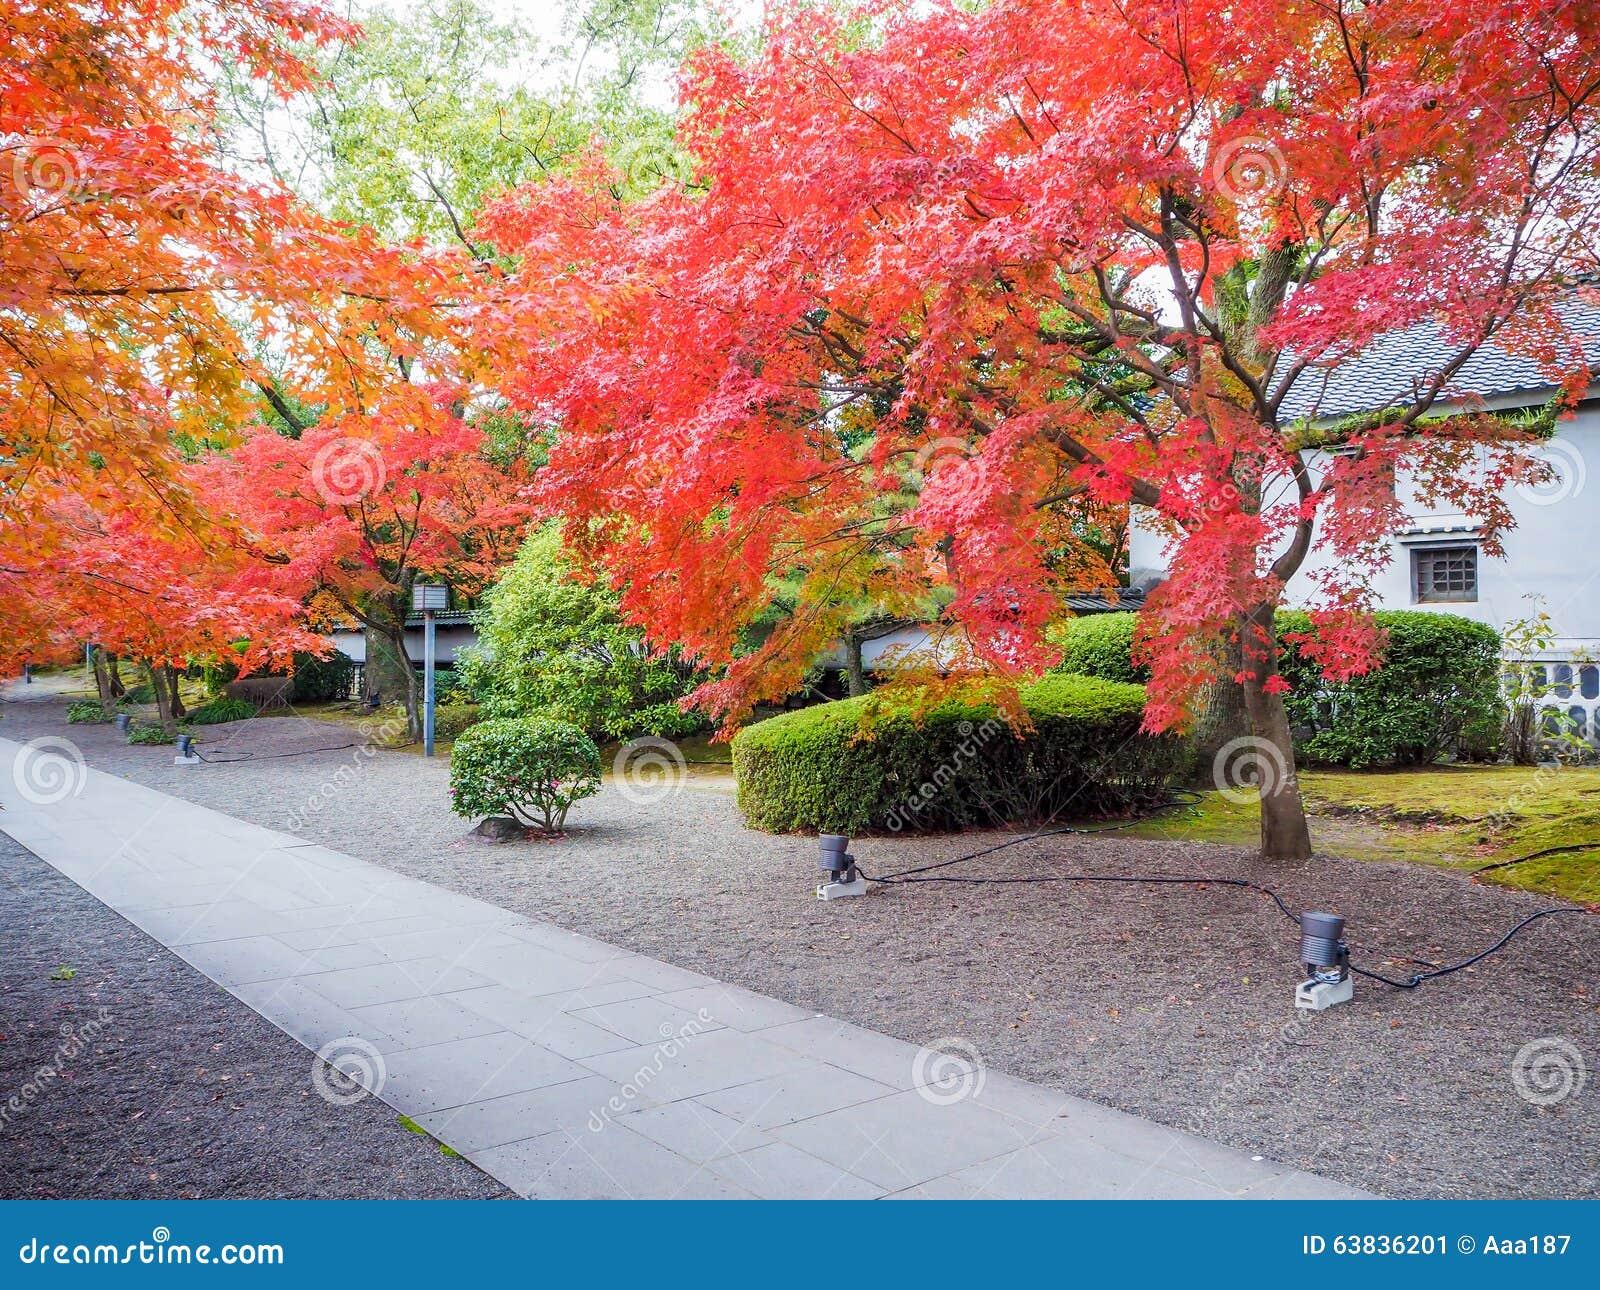 Albero di acero rosso in giardino giapponese immagine for Acero rosso giapponese